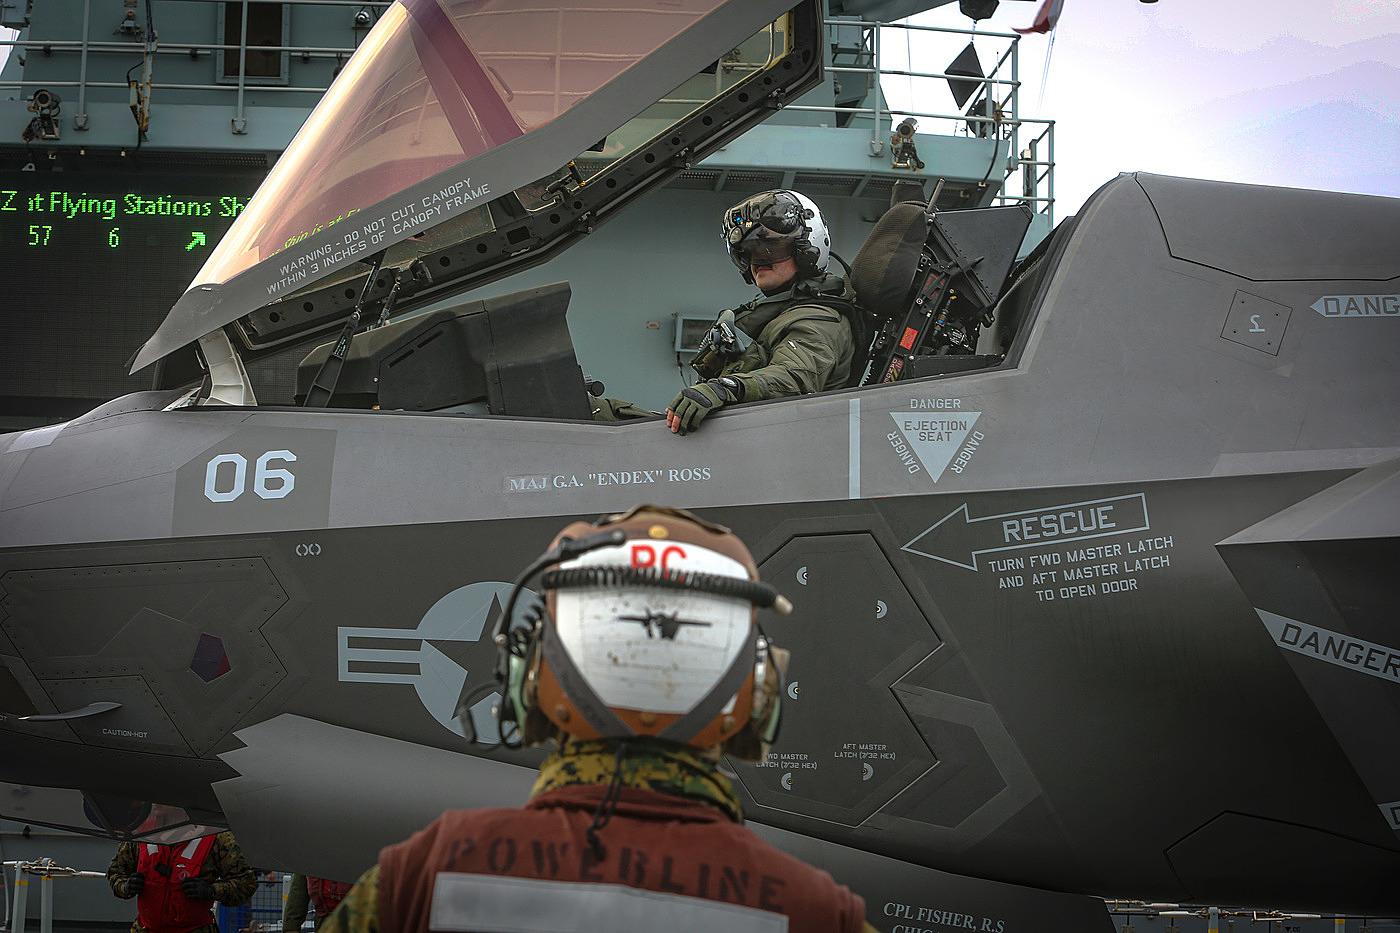 F-35B của thủy quân lục chiến Mỹ diễn tập phối hợp hoạt động với hải quân Anh trên tàu sân bay HMS Queen Elizabeth vào tháng 9/2020. Ảnh: USMC.